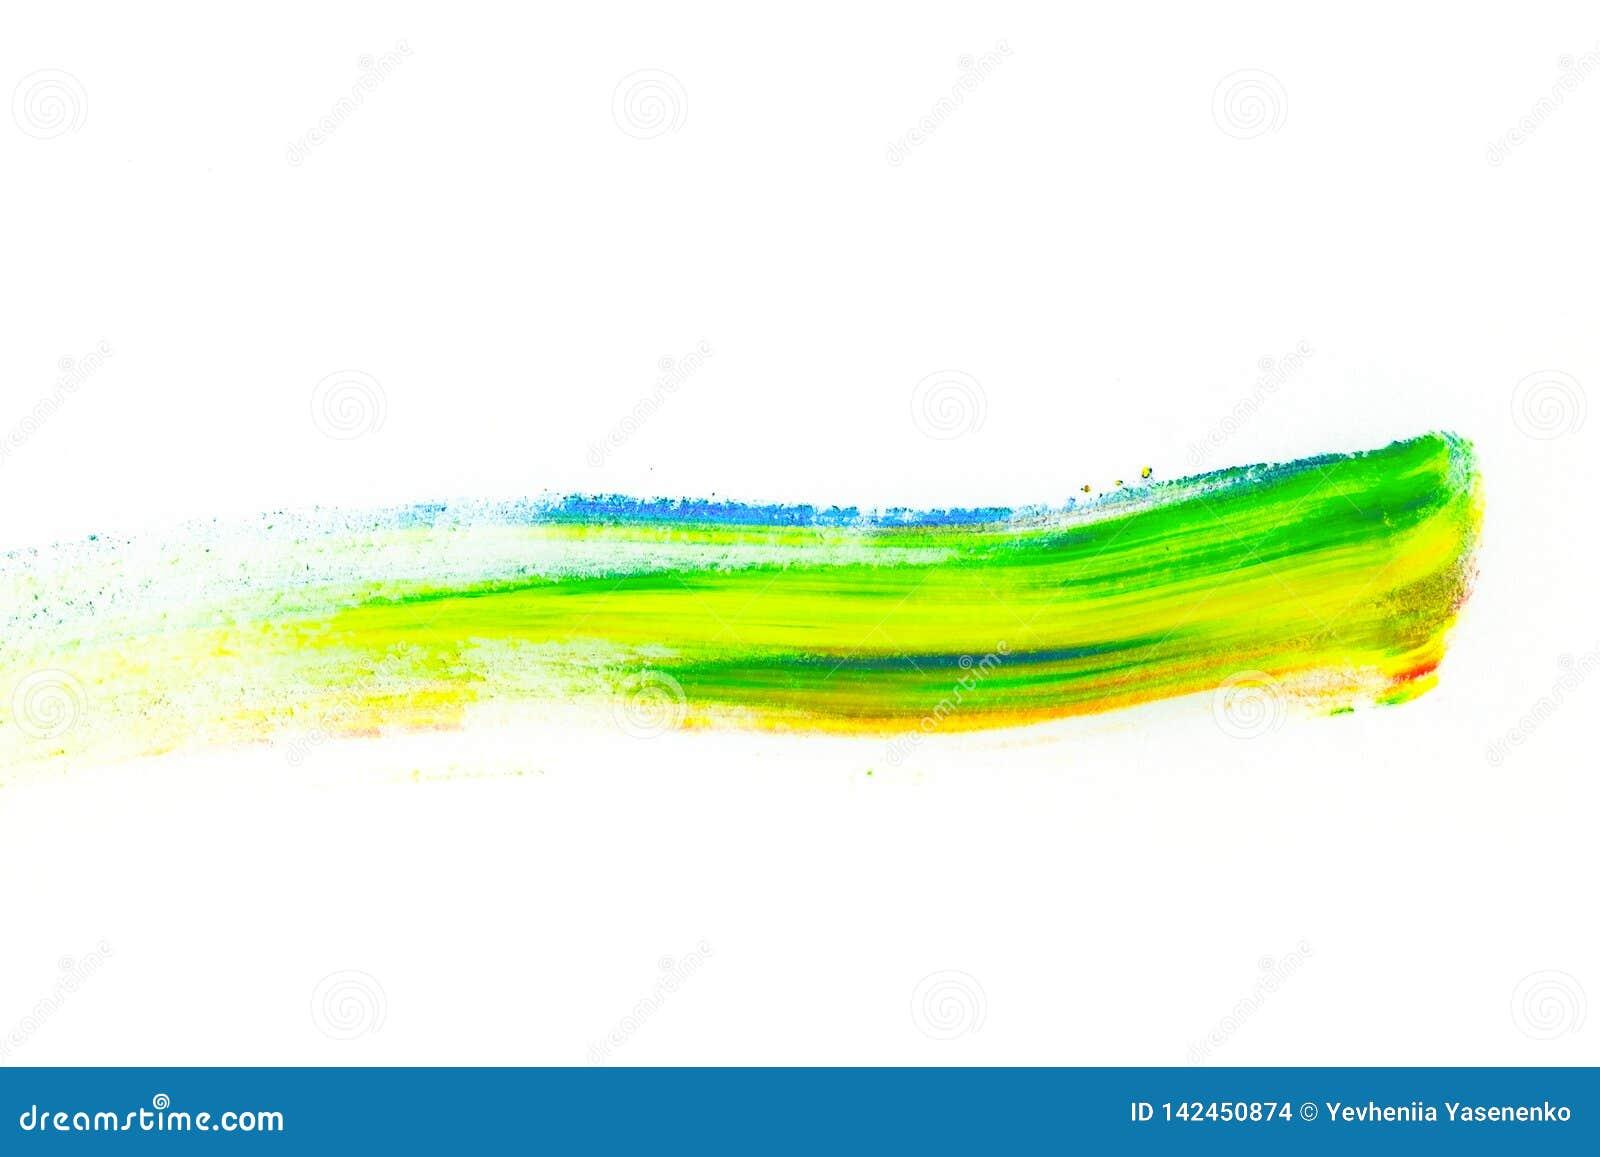 Αφηρημένη κηλίδα με το δάχτυλο φιαγμένο πολύχρωμη χρωστική ουσία, που απομονώνεται από στο λευκό Μικτή φωτεινή σκιά ματιών Φυσική